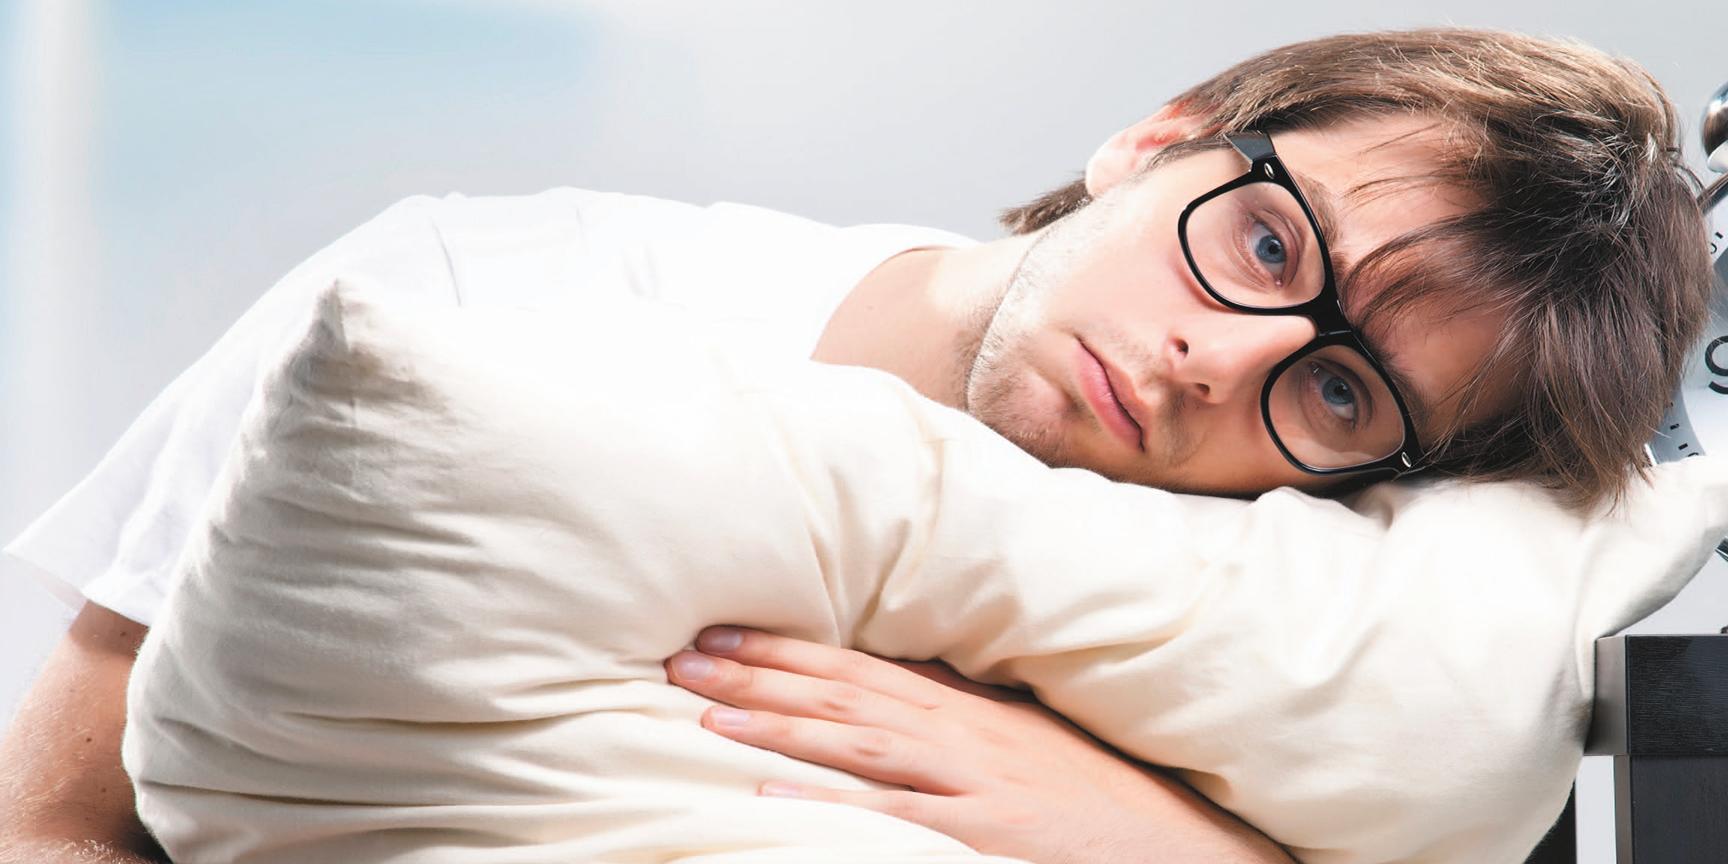 sabah yorgunlugu nedeni nedir Sabah Yorgunluğu Çekiyorsanız Bunlara Dikkat Edin